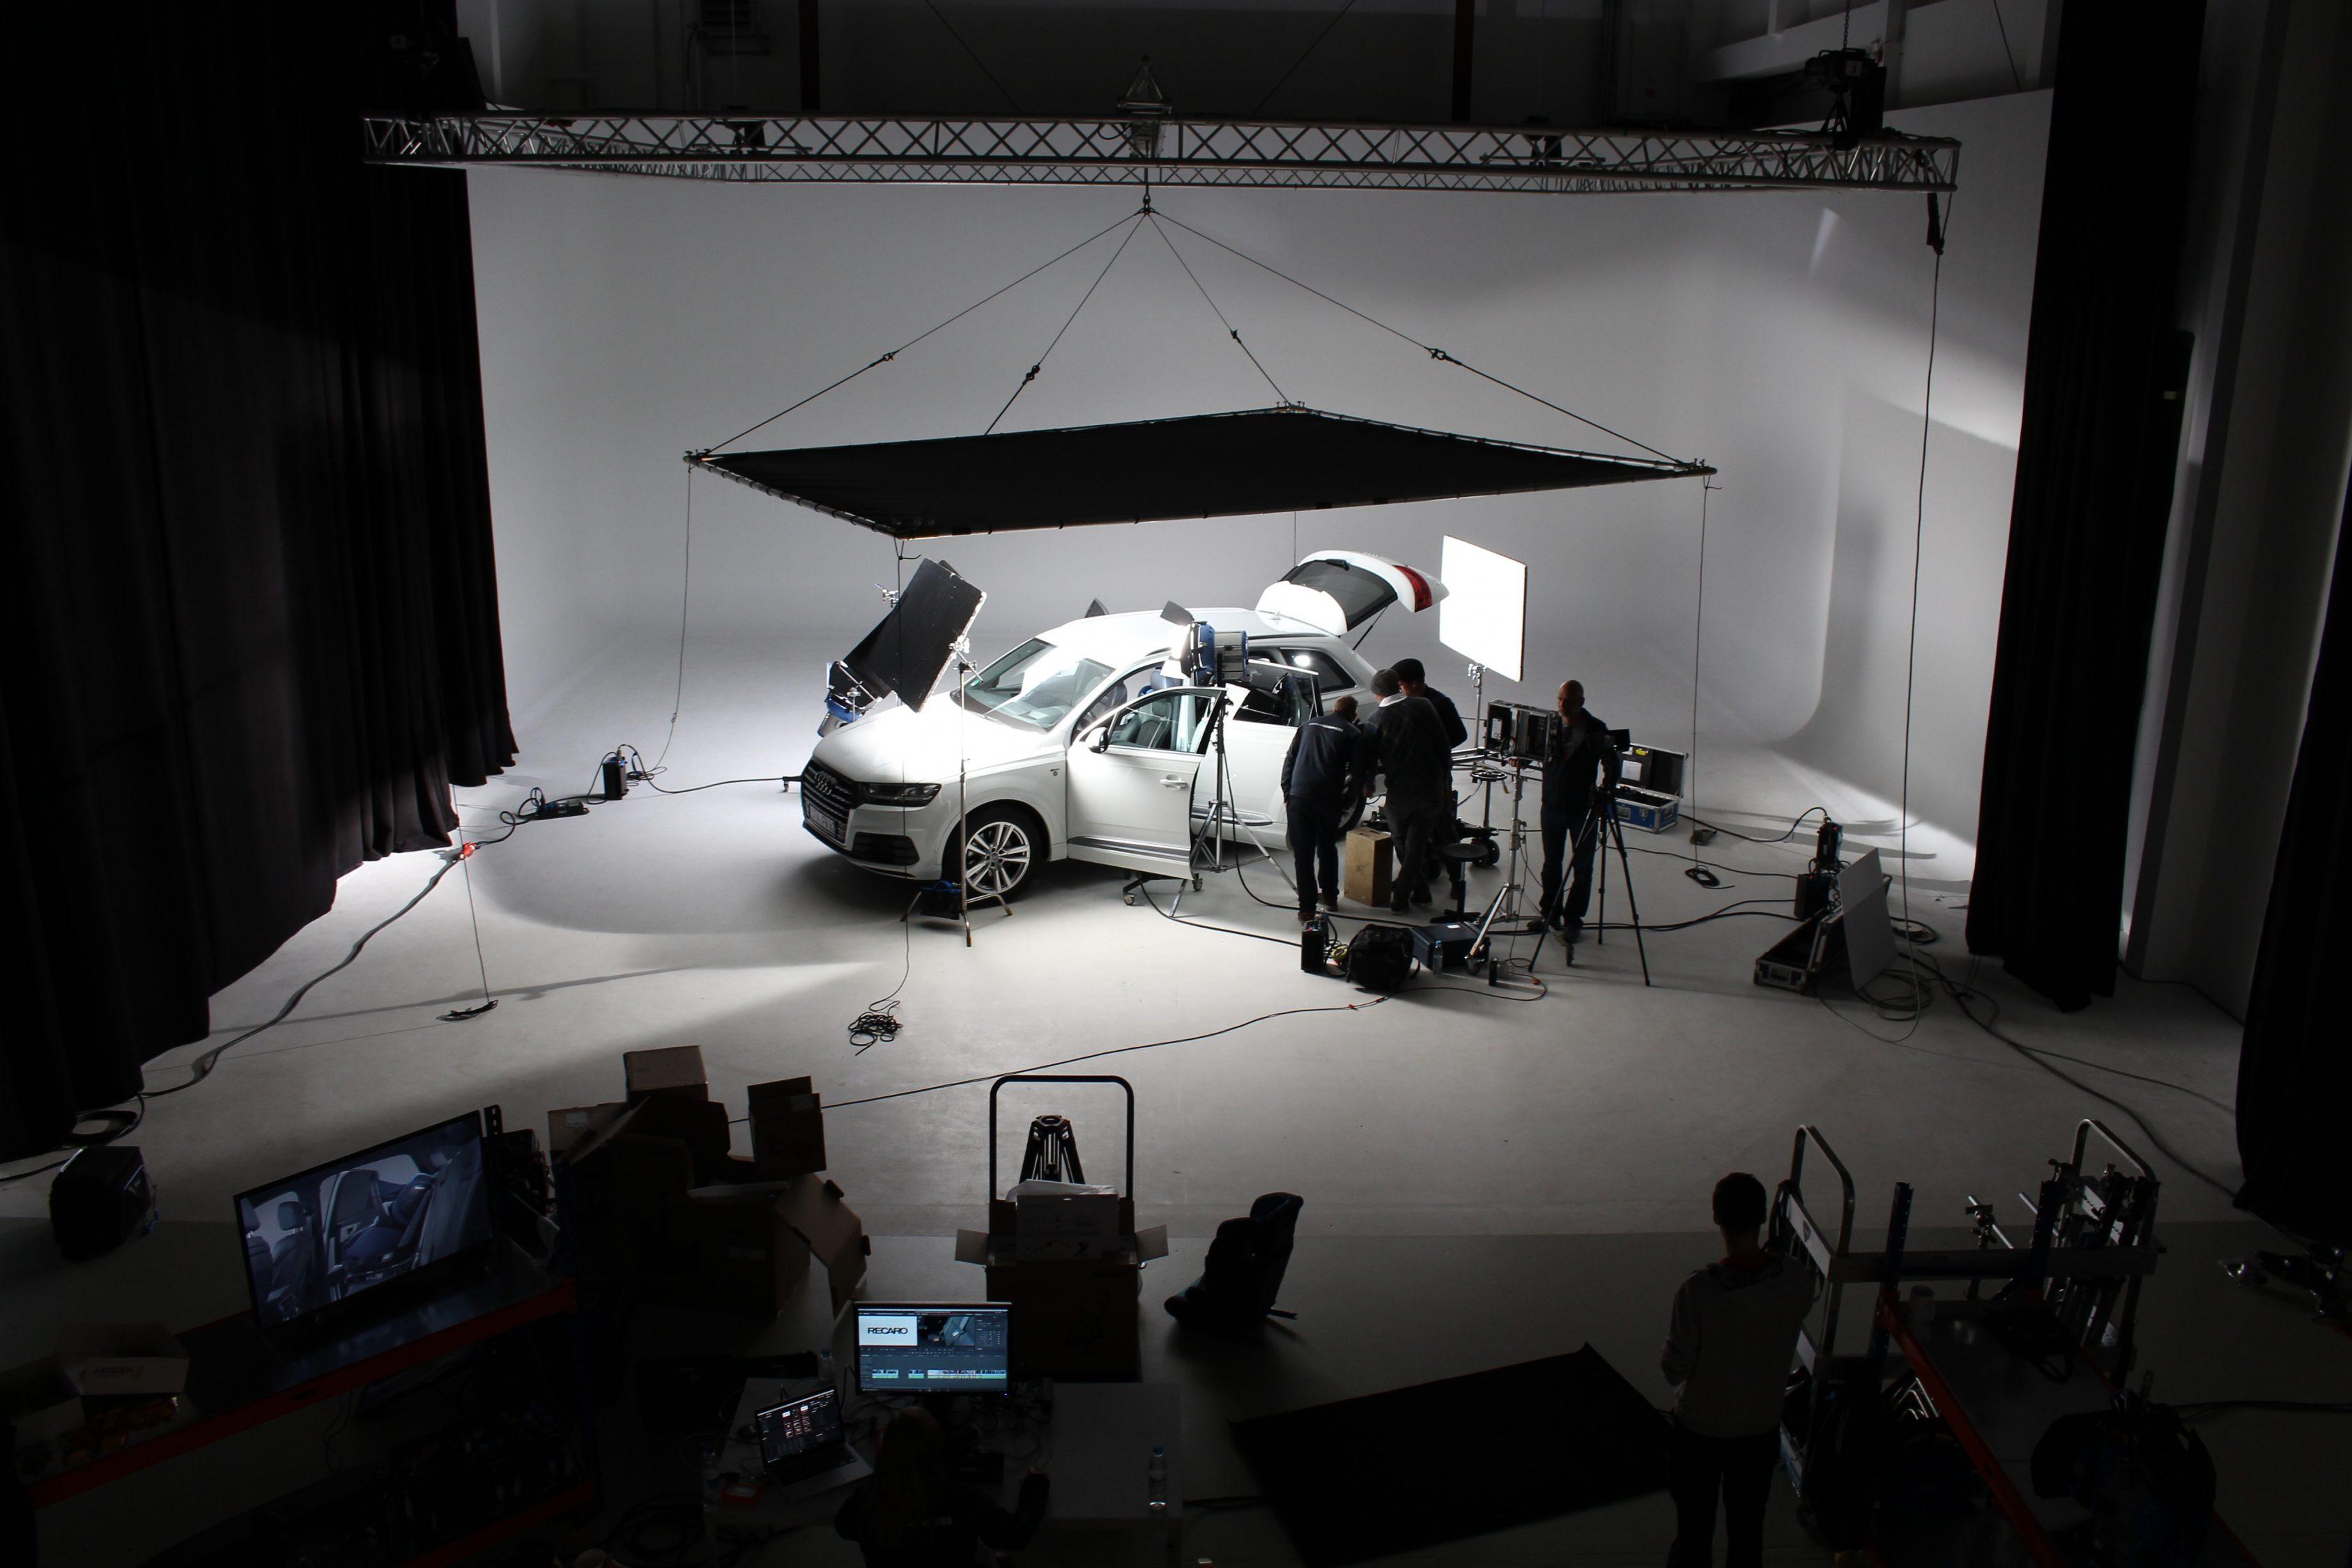 Das Bild zeigt einen Raum. In diesem wird gefilmt. Man sieht auf einer weißen Leinwand ein Auto stehen. Über diesem ist eine schwarze Platte angebracht. Das Auto ist beleuchtet, der Hintergrund ist schwarz und man sieht dort Silhouetten von Menschen stehen. Sie tragen Kameras und filmen das ganze. Das Bild dient als Making Of Bild für den Portfolioeintrag RECARO Child Safety – Einbaufilme von Panda Pictures.